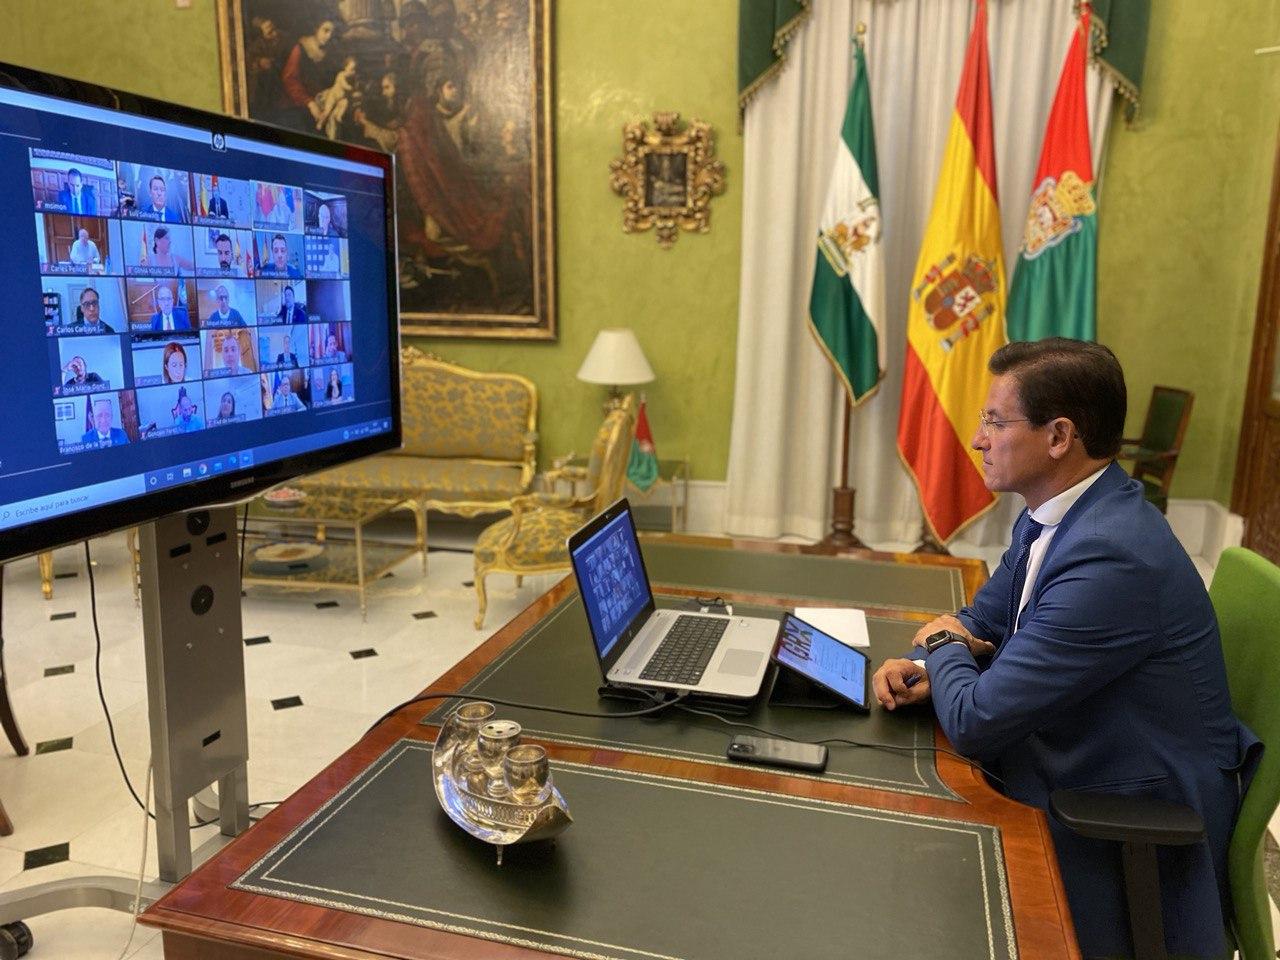 Salvador reincide en petición de «diálogo» entre el gobierno y el municipalismo